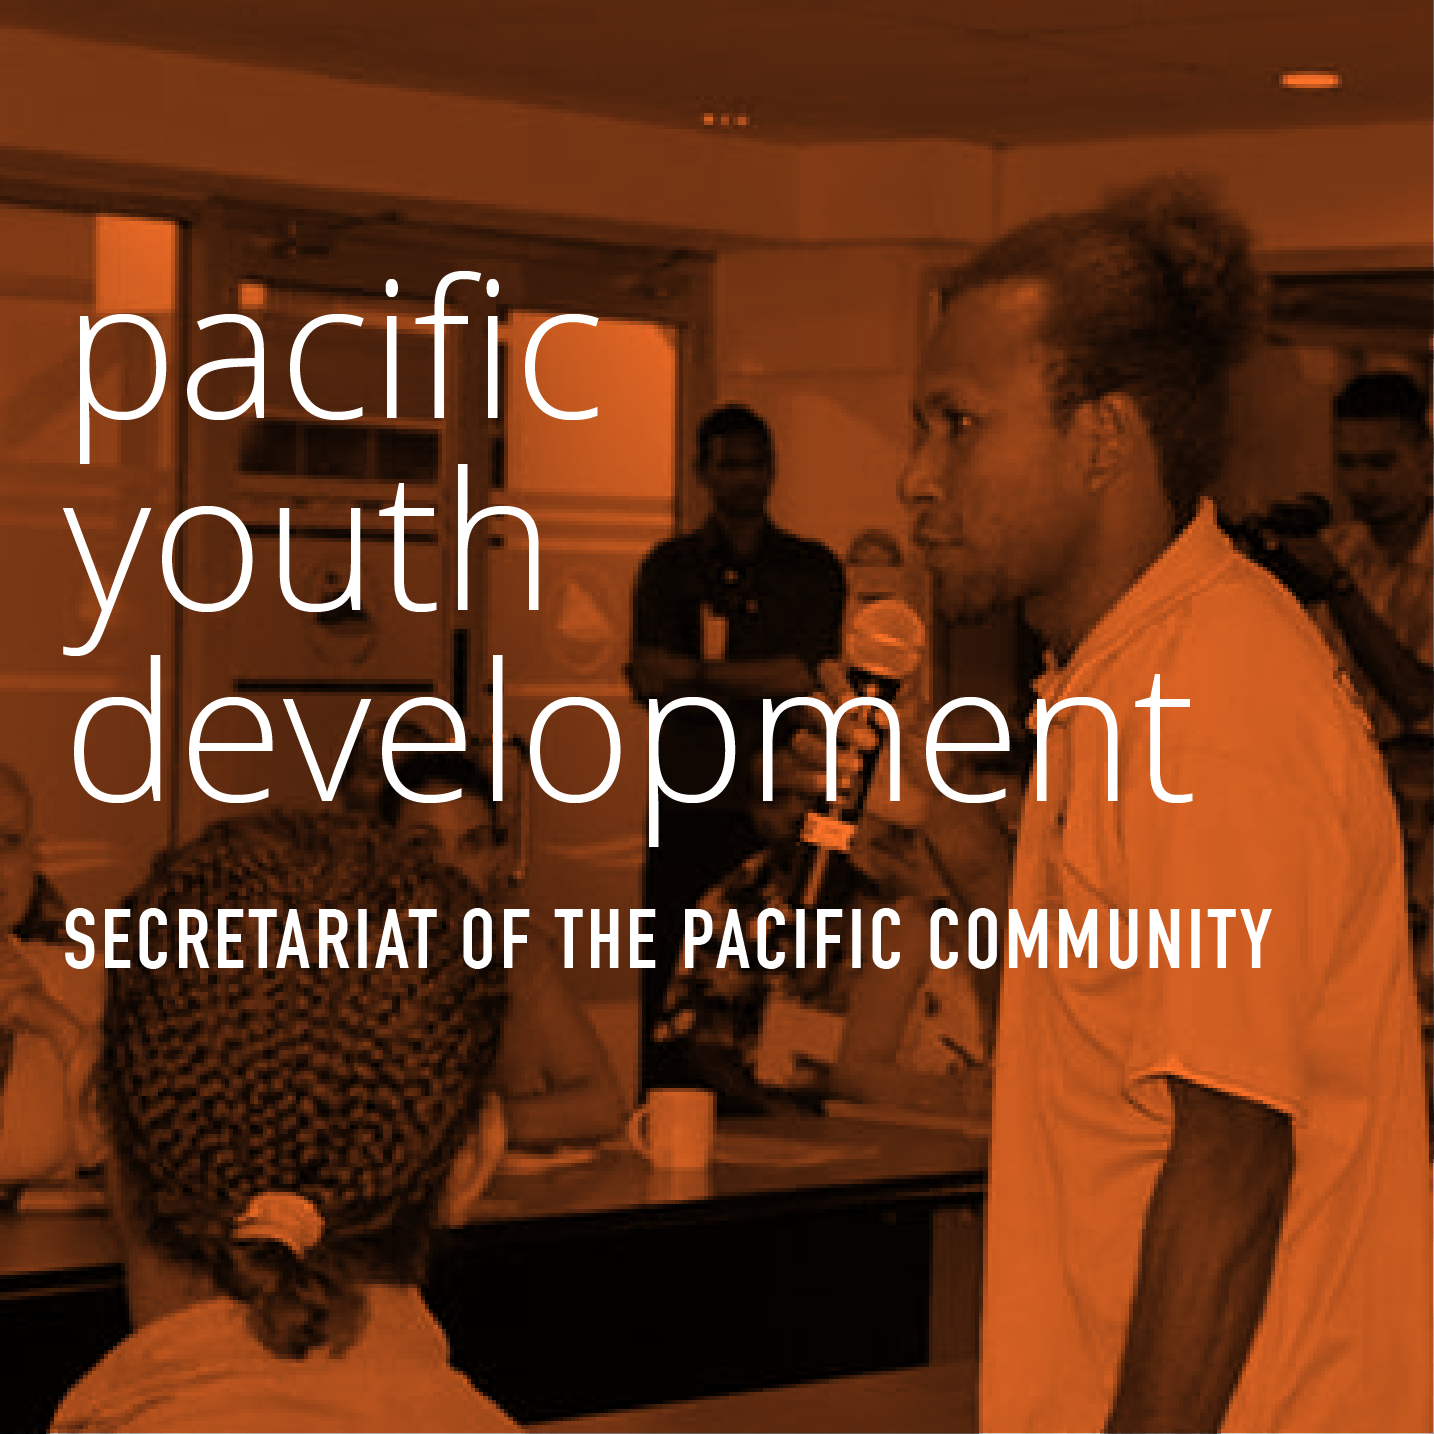 Secretariat of the Pacific Community